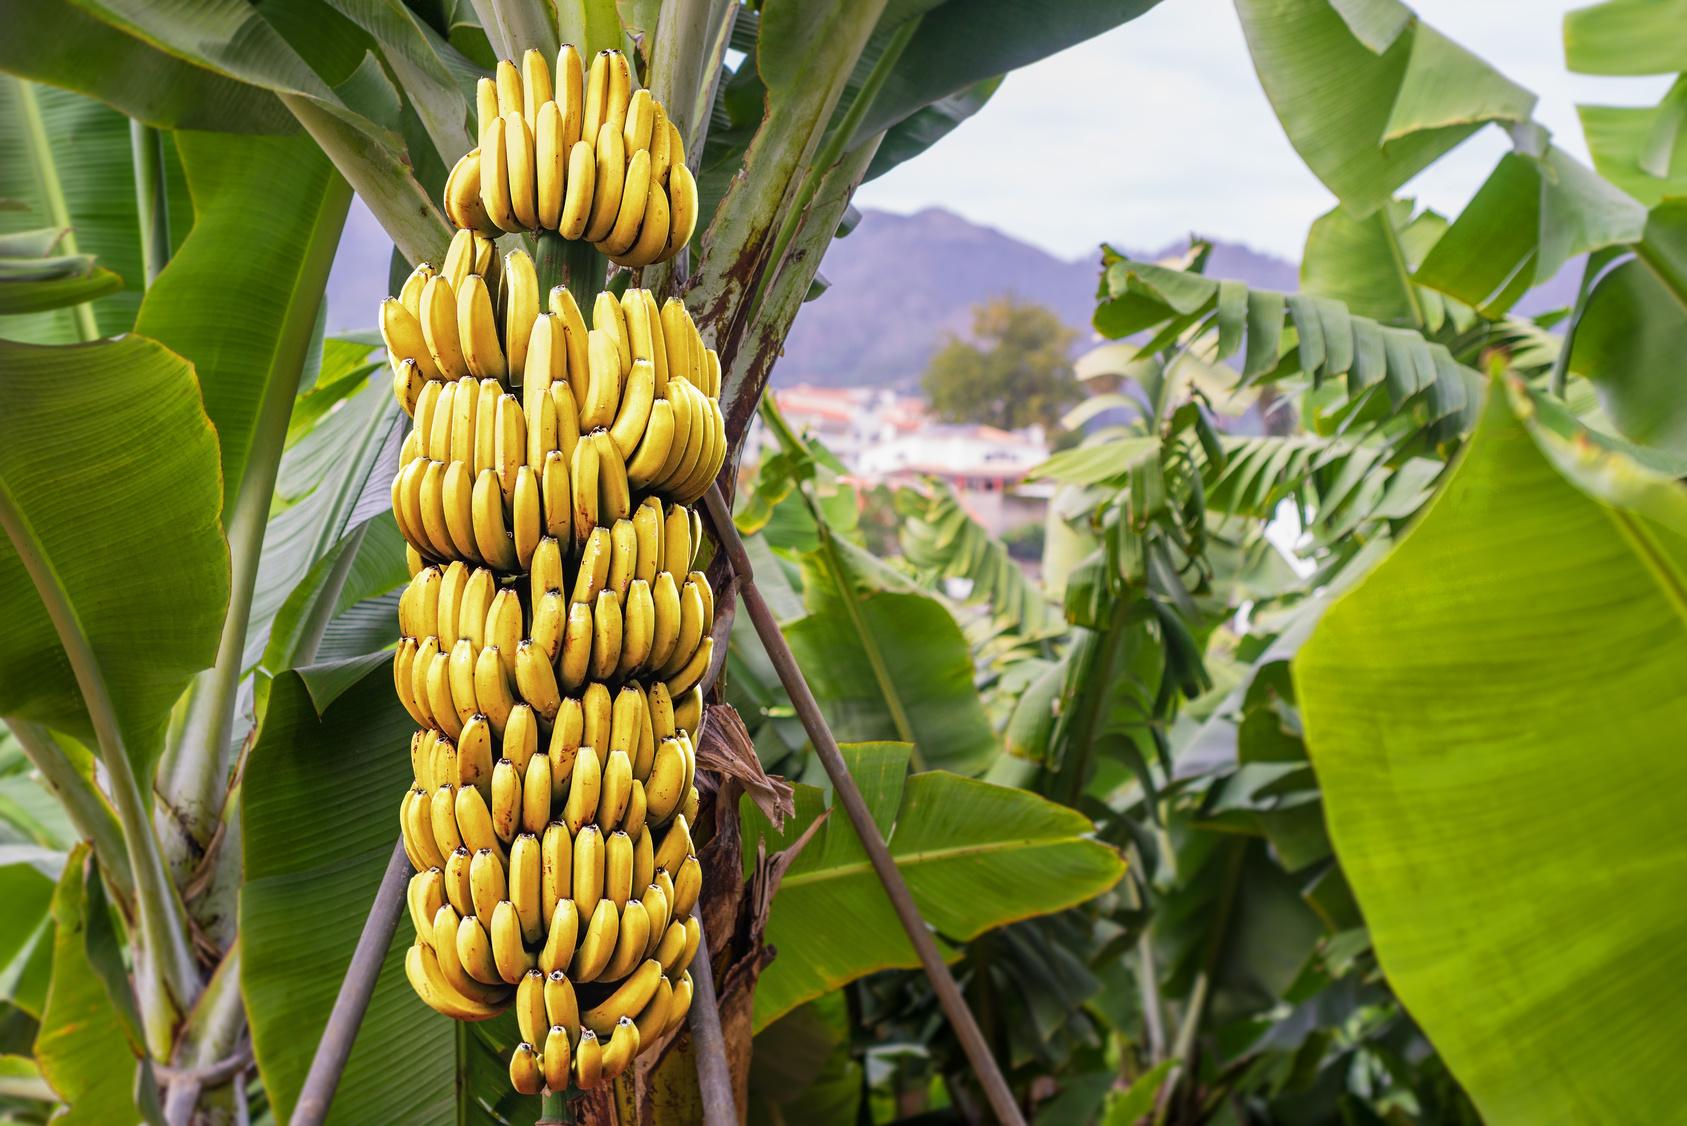 Pianta Di Banana Foto banane in pericolo: un fungo potrebbe spazzare via le cavendish